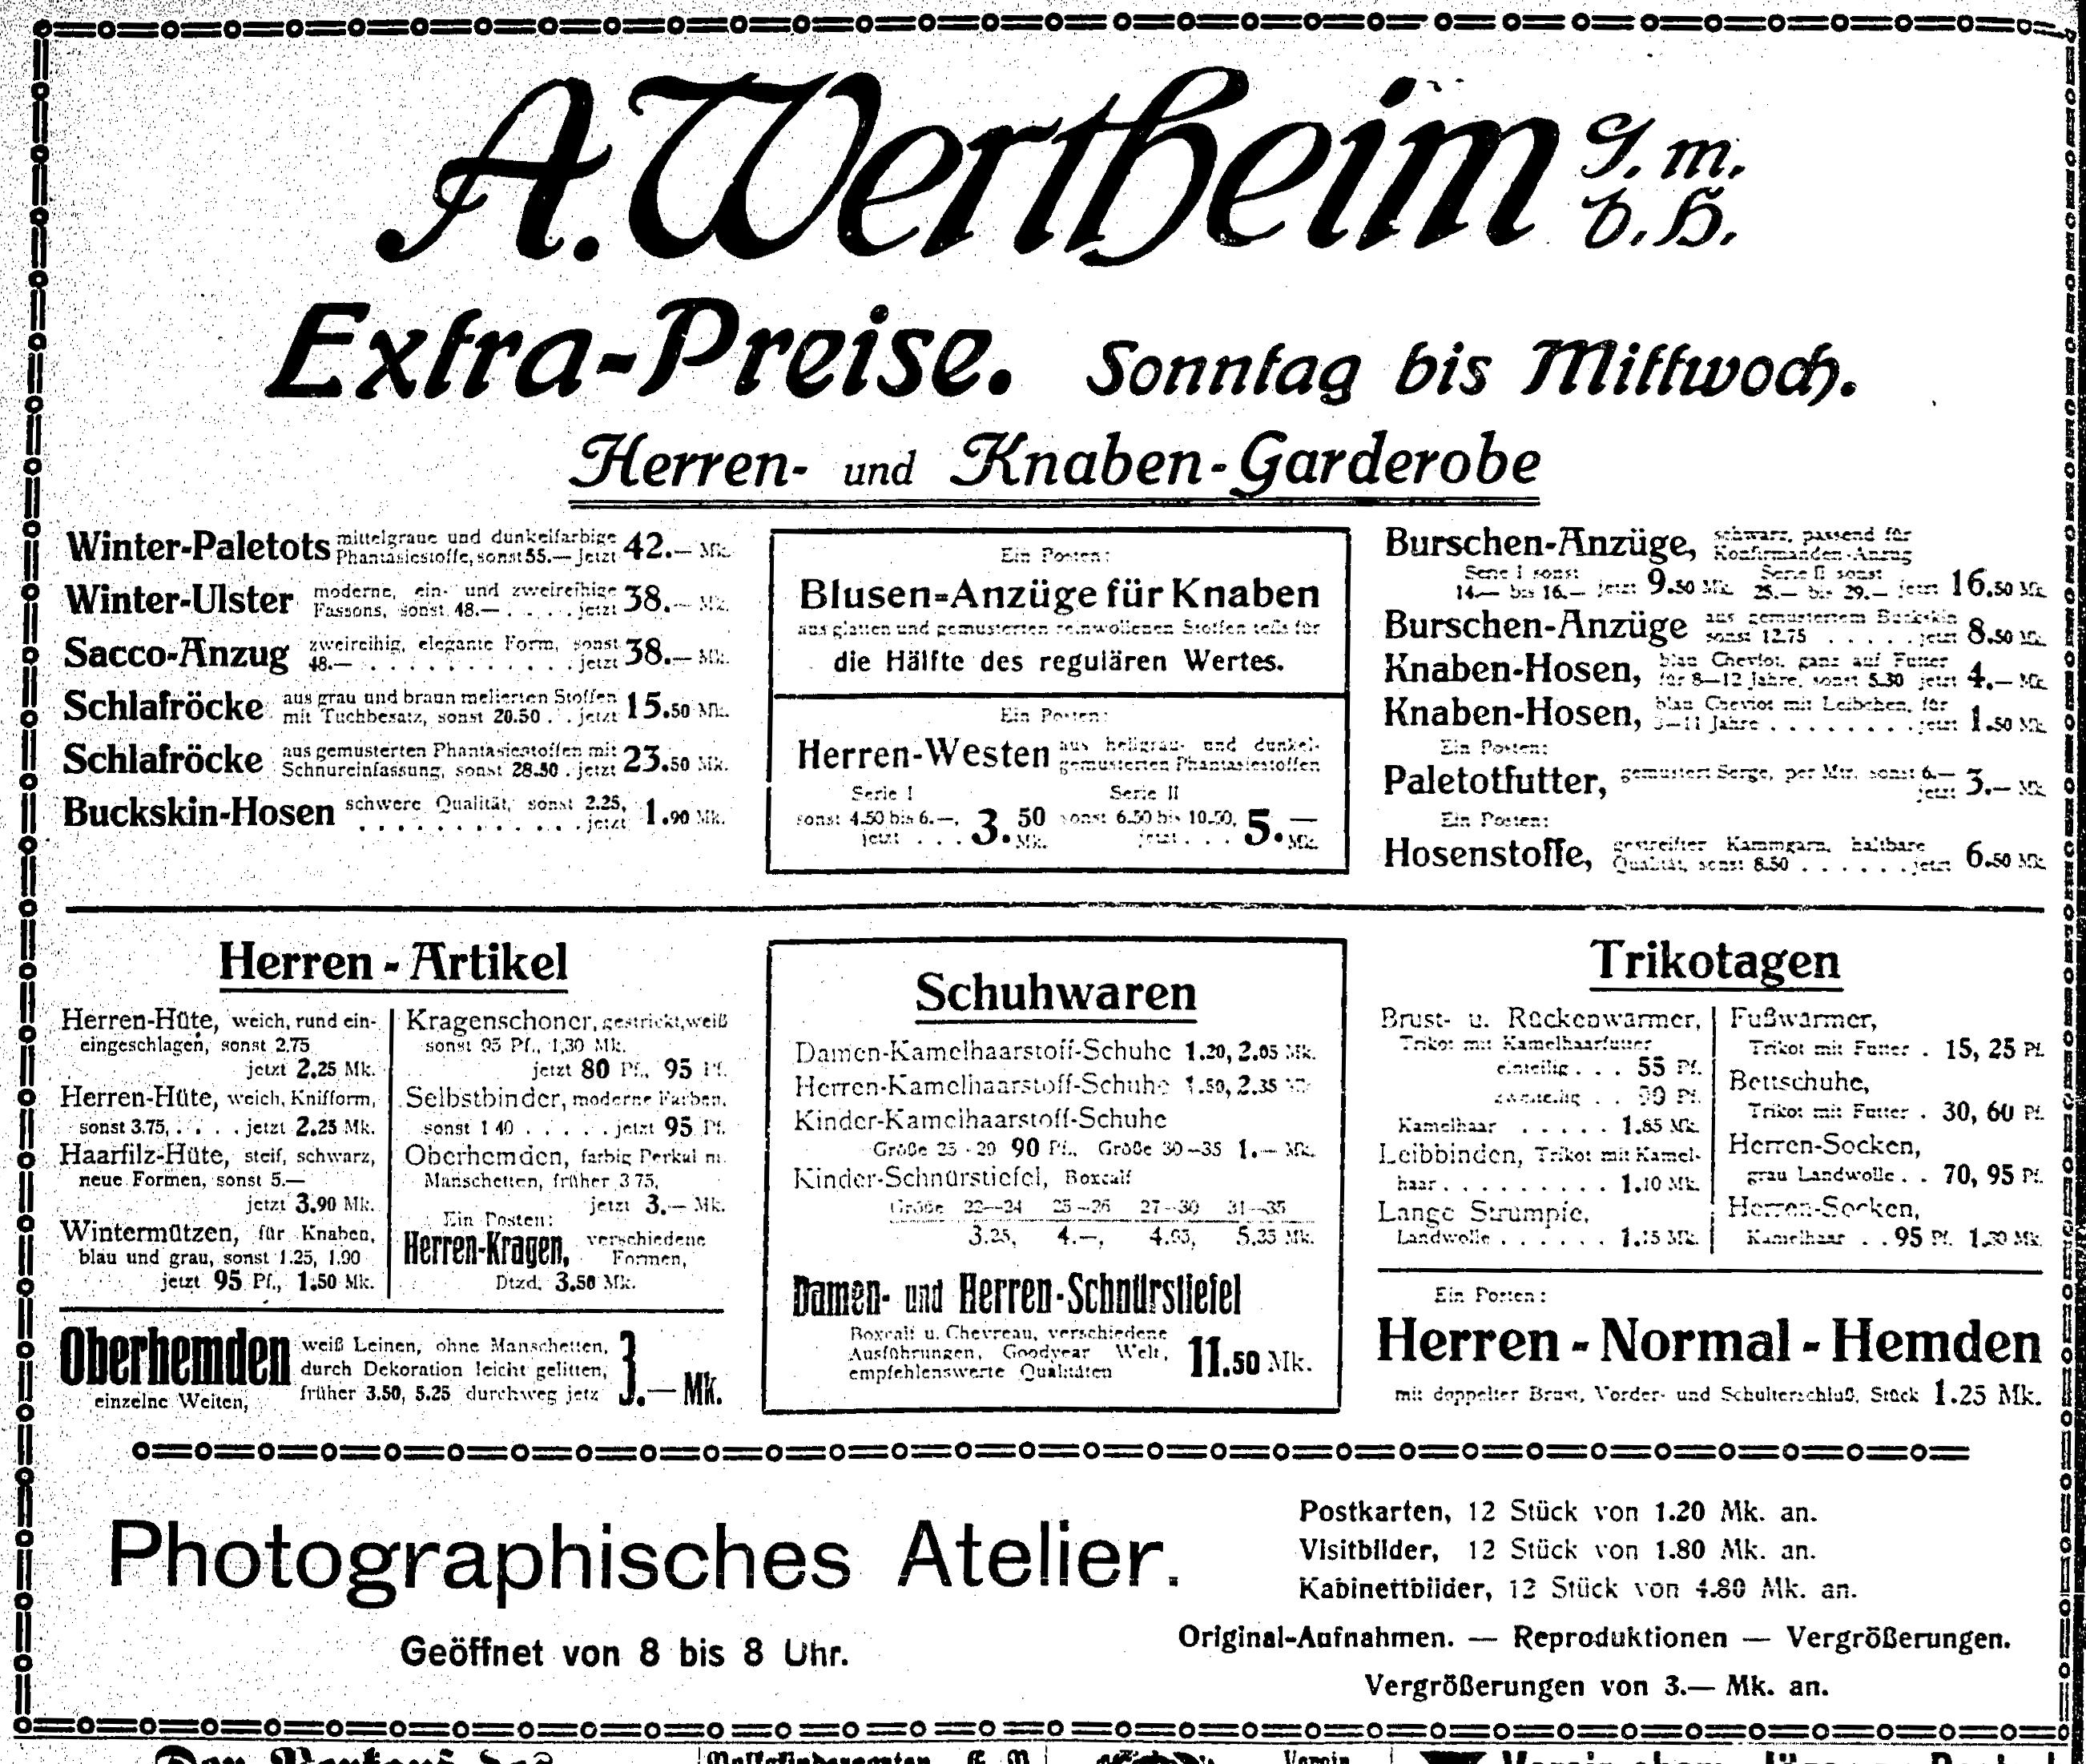 Rostocker Anzeiger, 27.11.1910